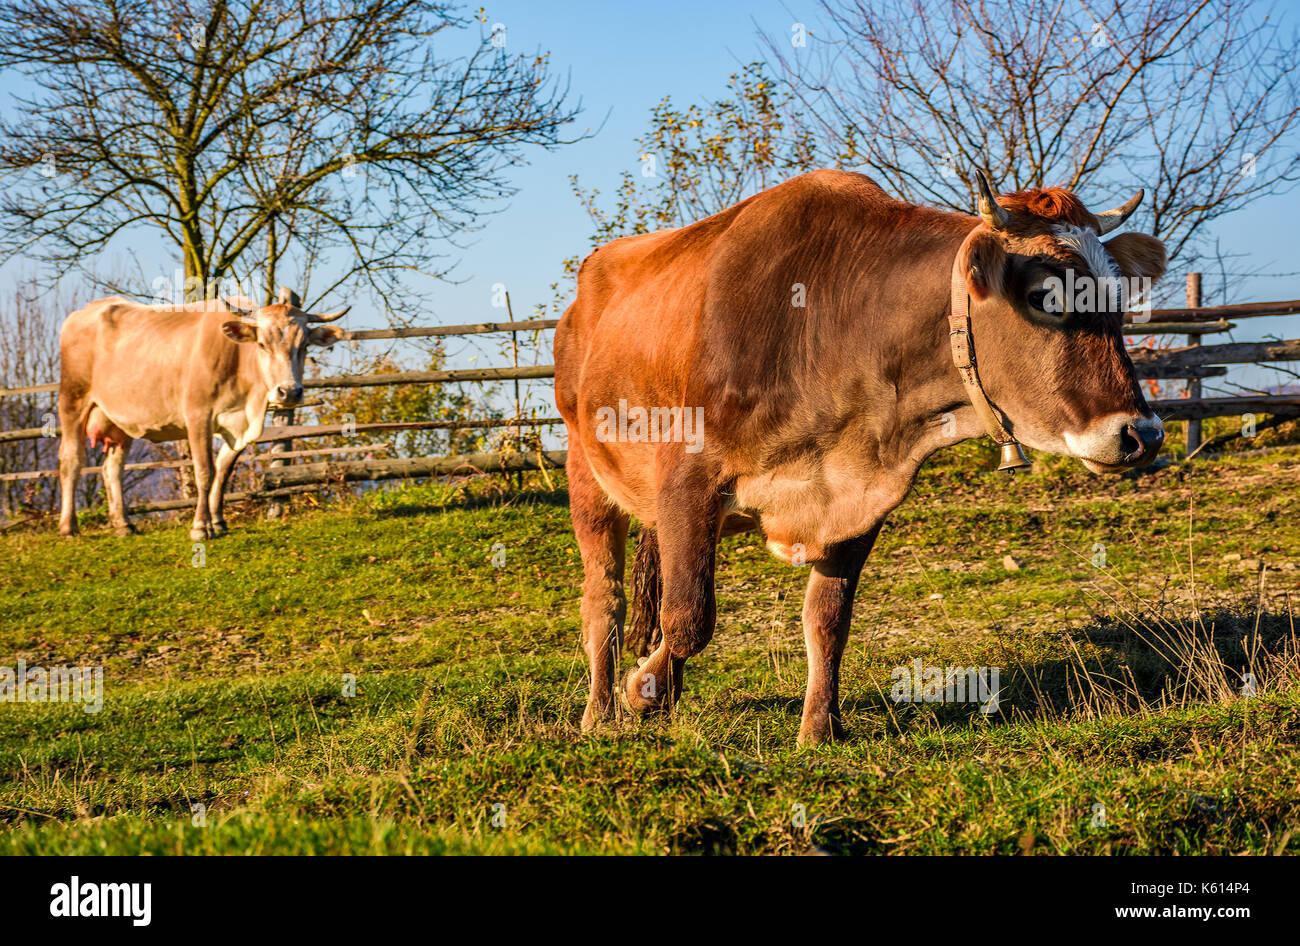 Due mucche al pascolo in autunno. incantevole episodio quotidiano di vita rurale Immagini Stock